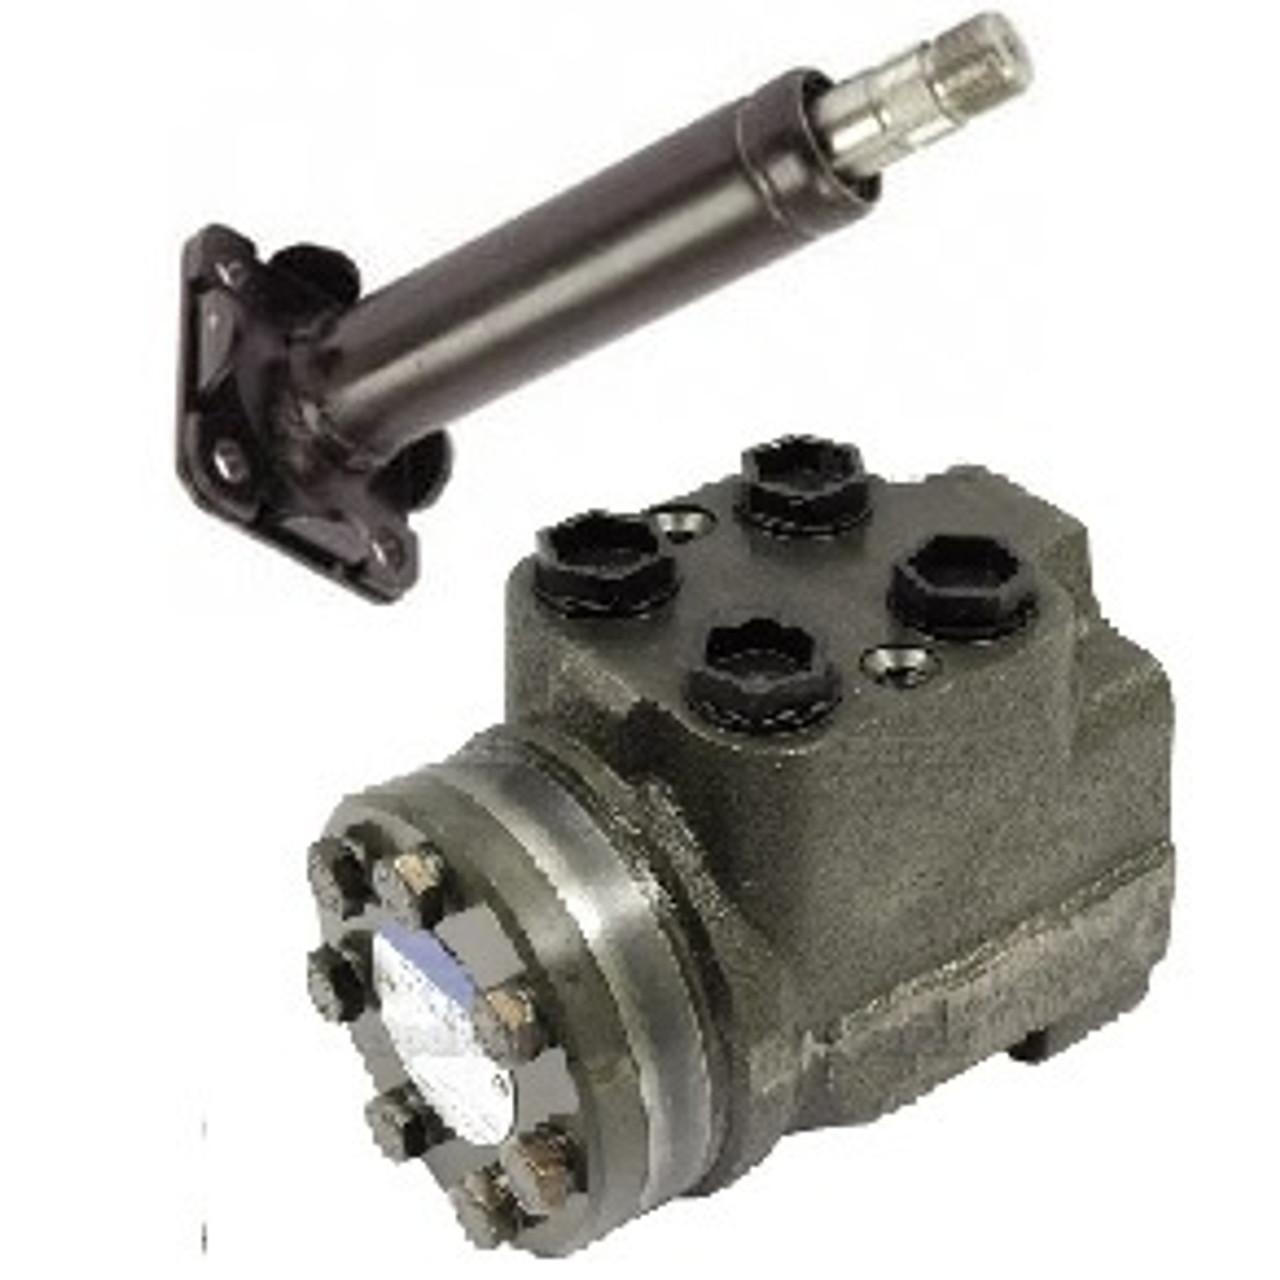 Power Steering Motor (Hand Pump)